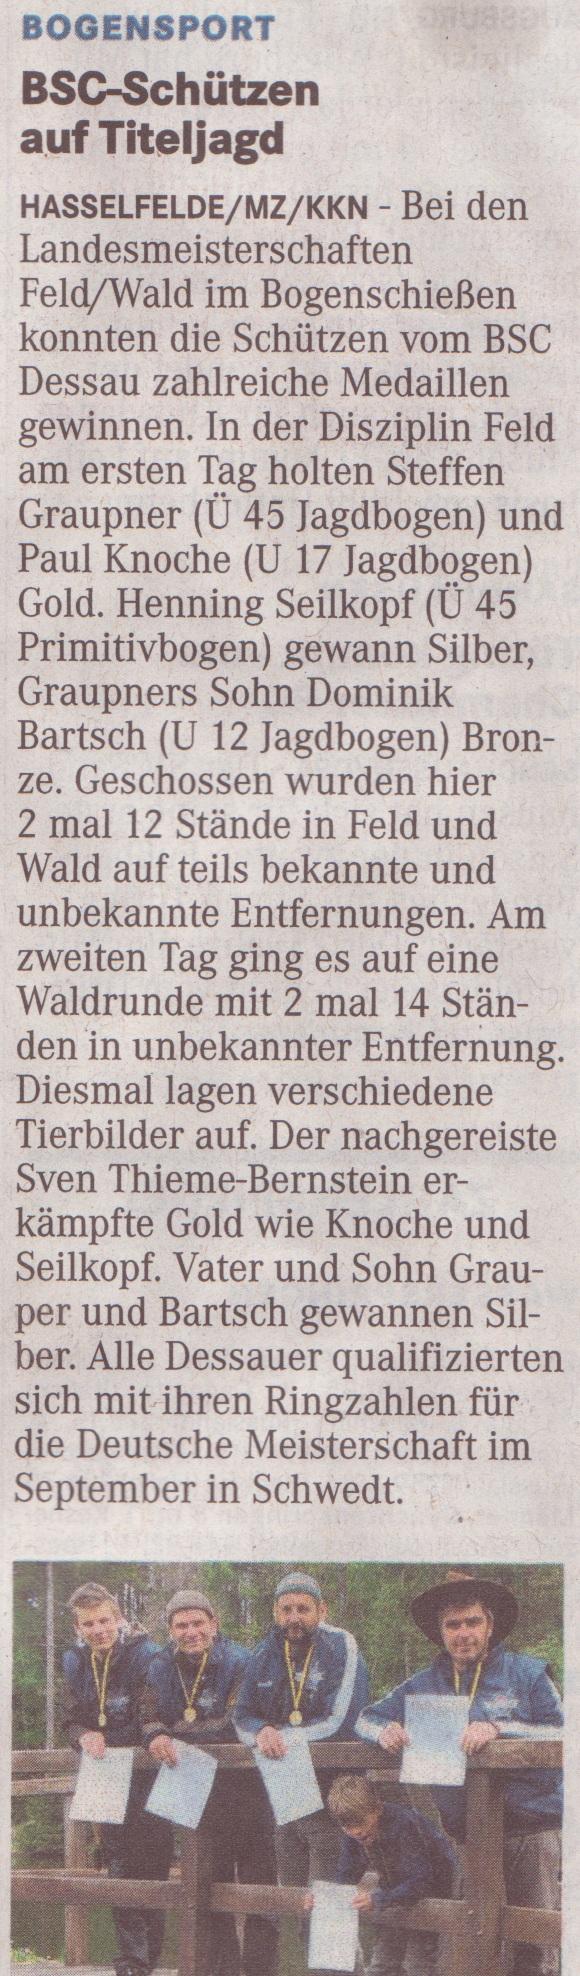 Landesmeisterschaft Feld- und Waldrunde – Mitteldeutsche Zeitung vom 19.05.2012